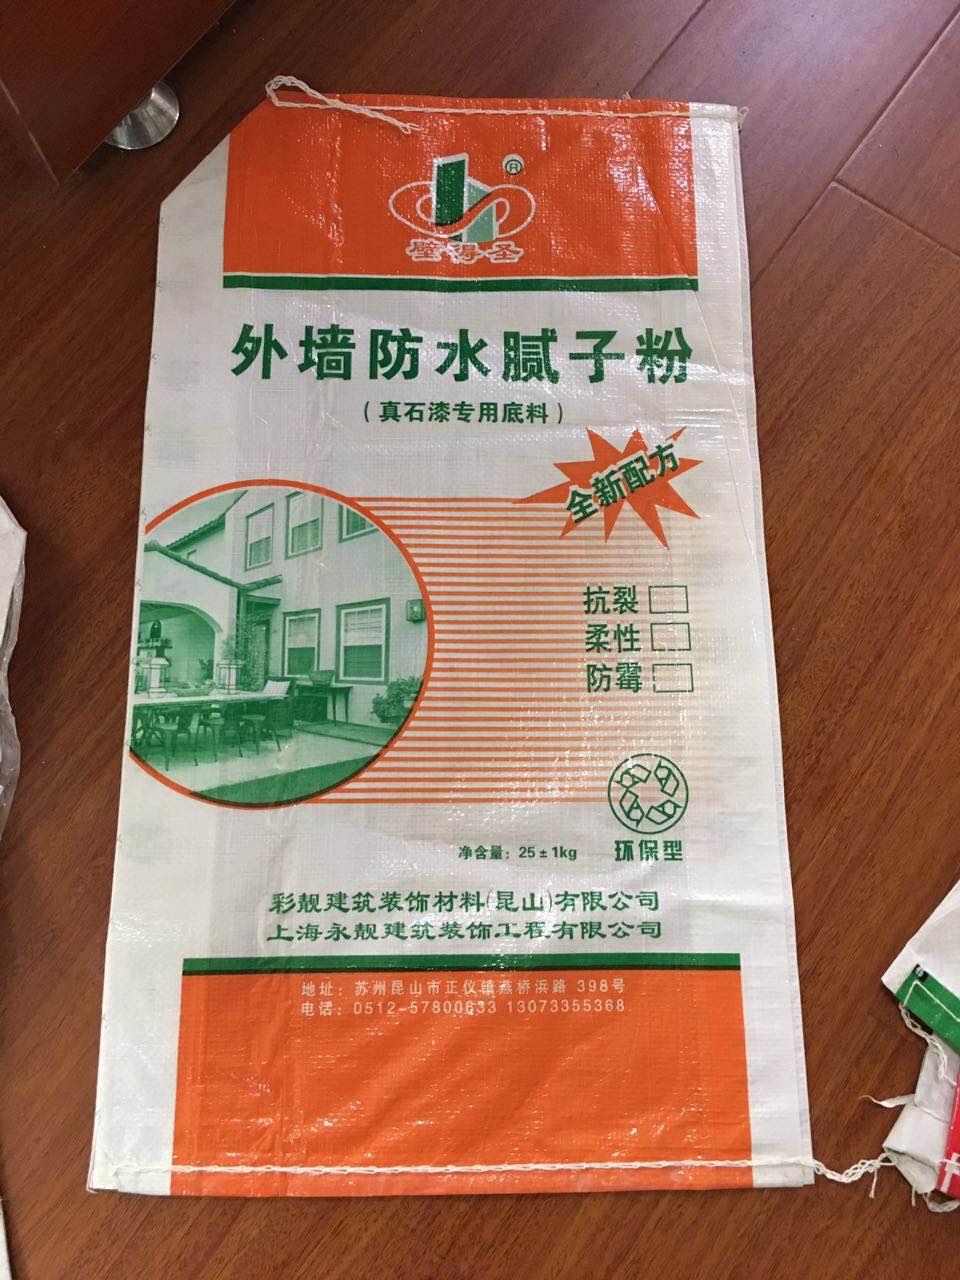 内墙涂料,彩靓建筑,杭州涂料